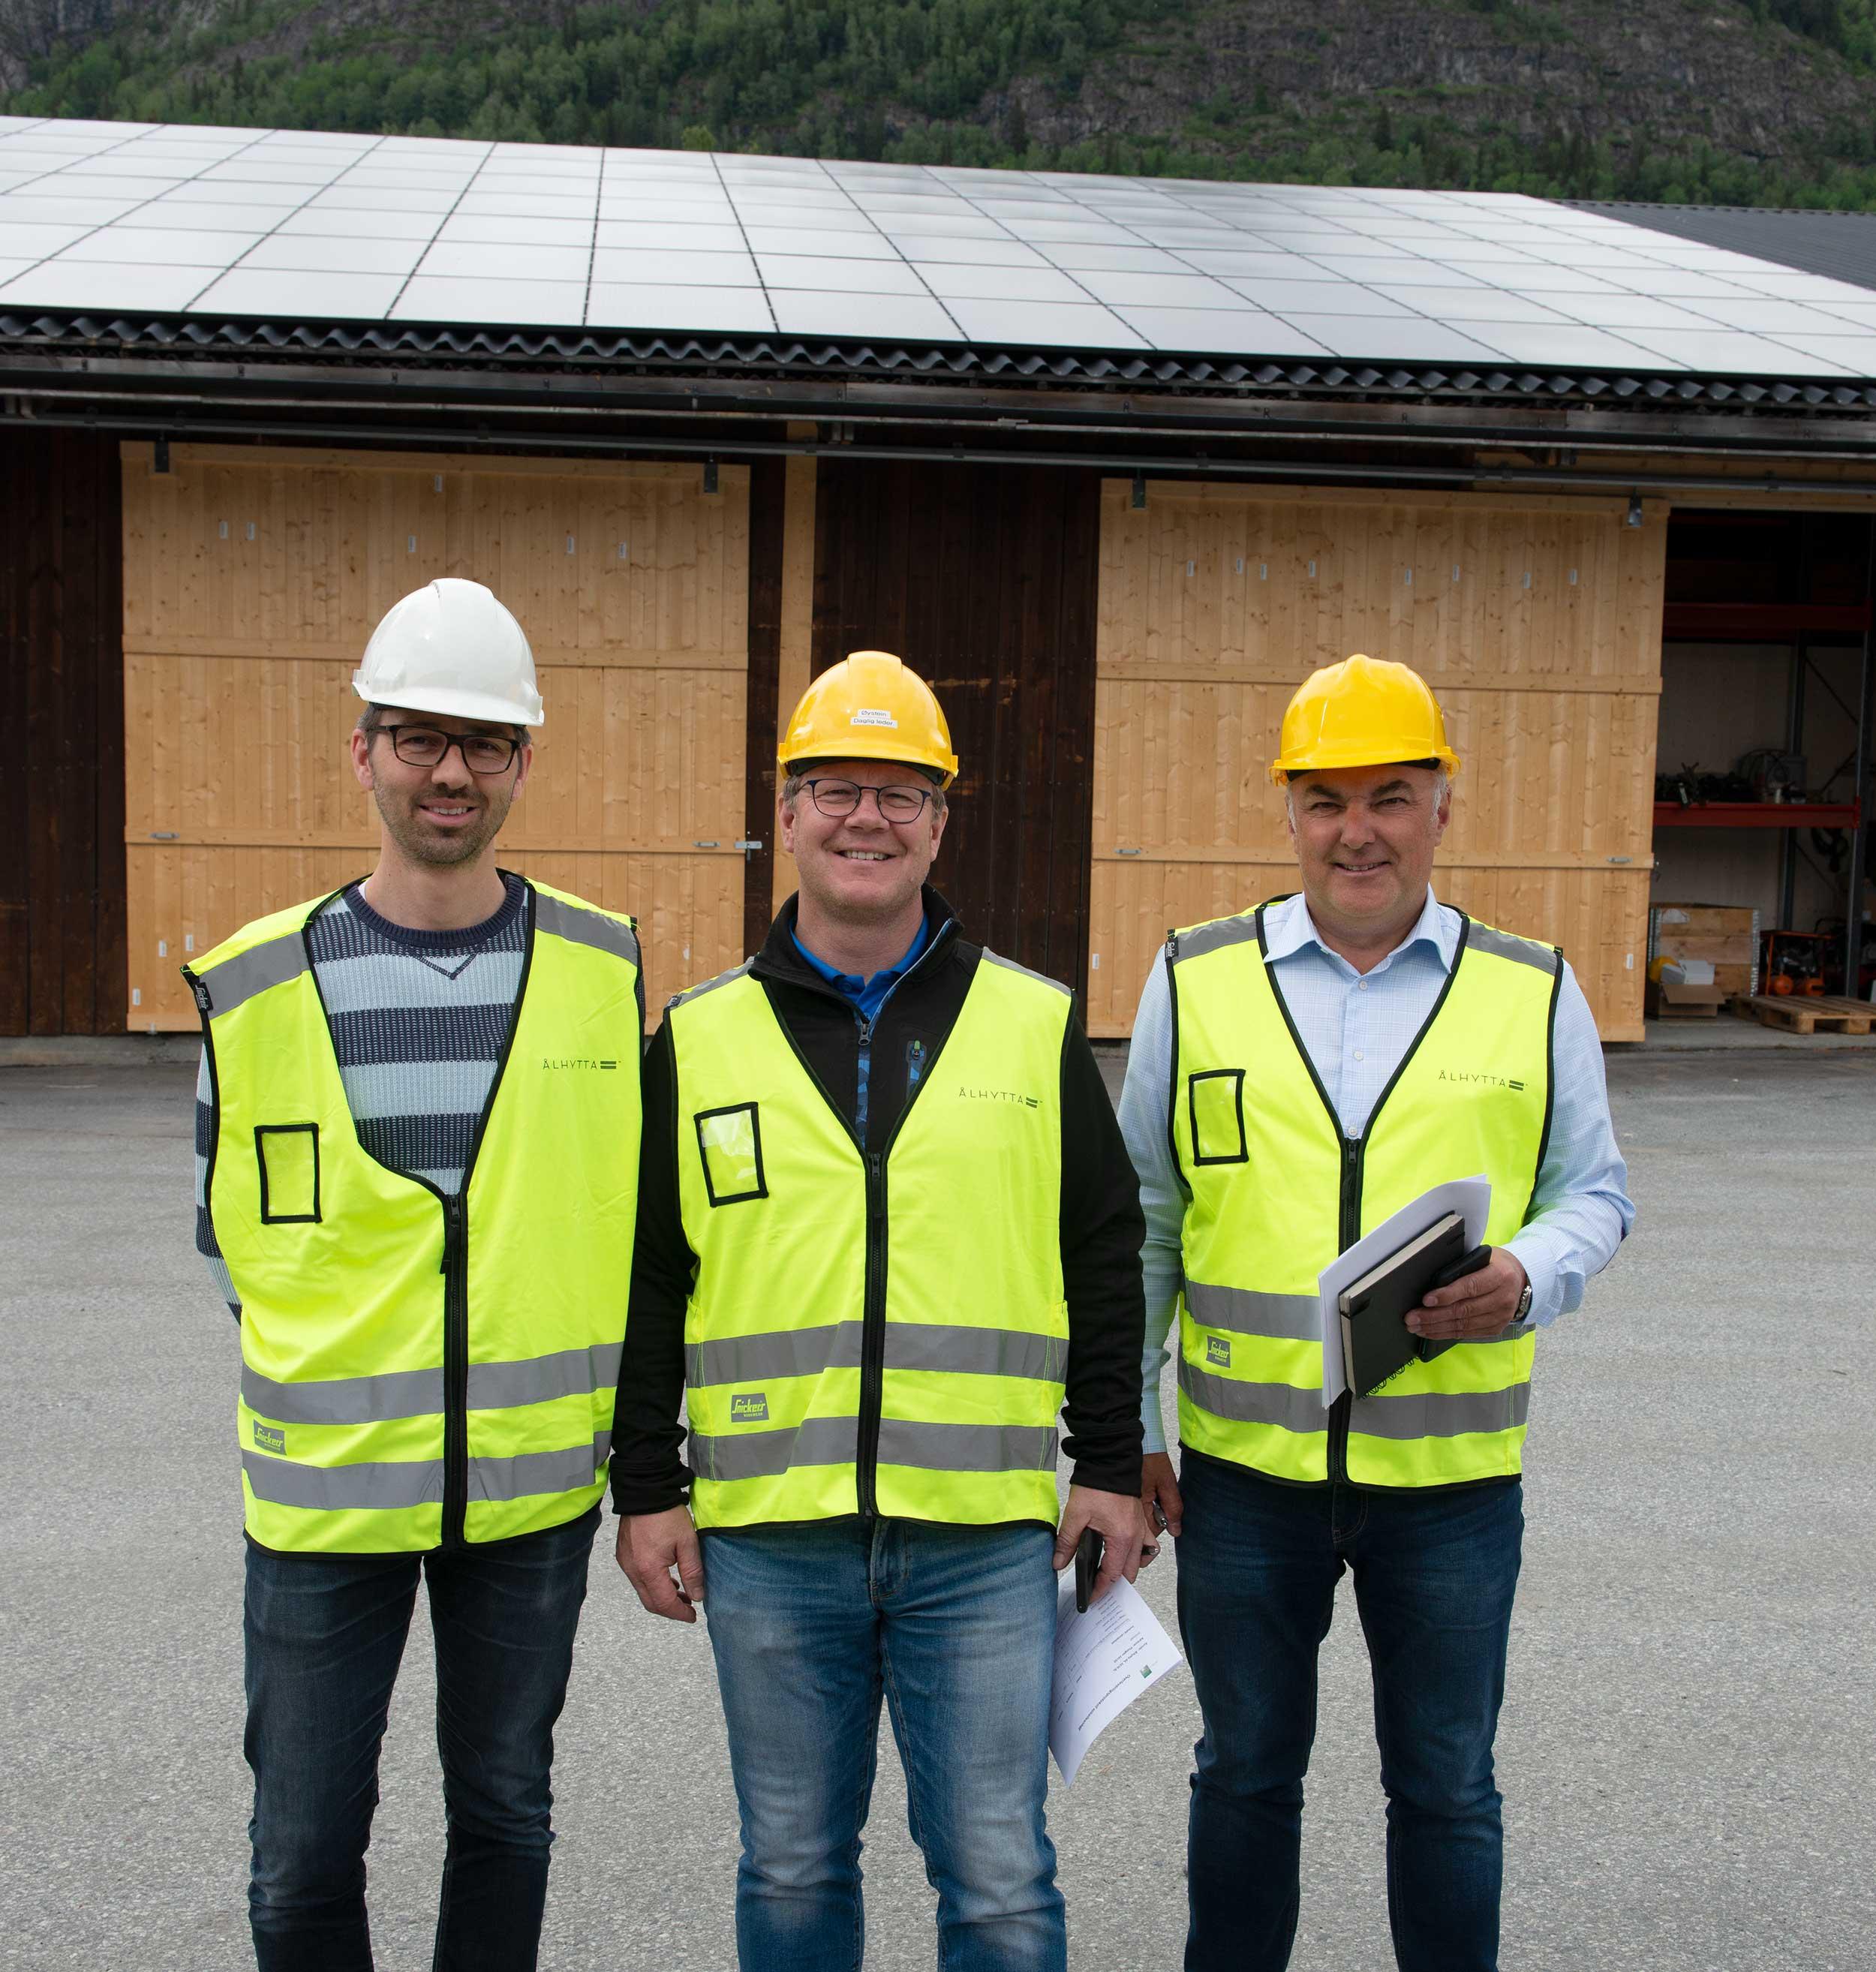 Fornøyde karer forran nylagt solcelletak  Næringskonsulent i Ål Staffan Wive, Daglig leder i Ålhytta Øystein Grøgård og Helge Falkendal i Infinity Solar AS.